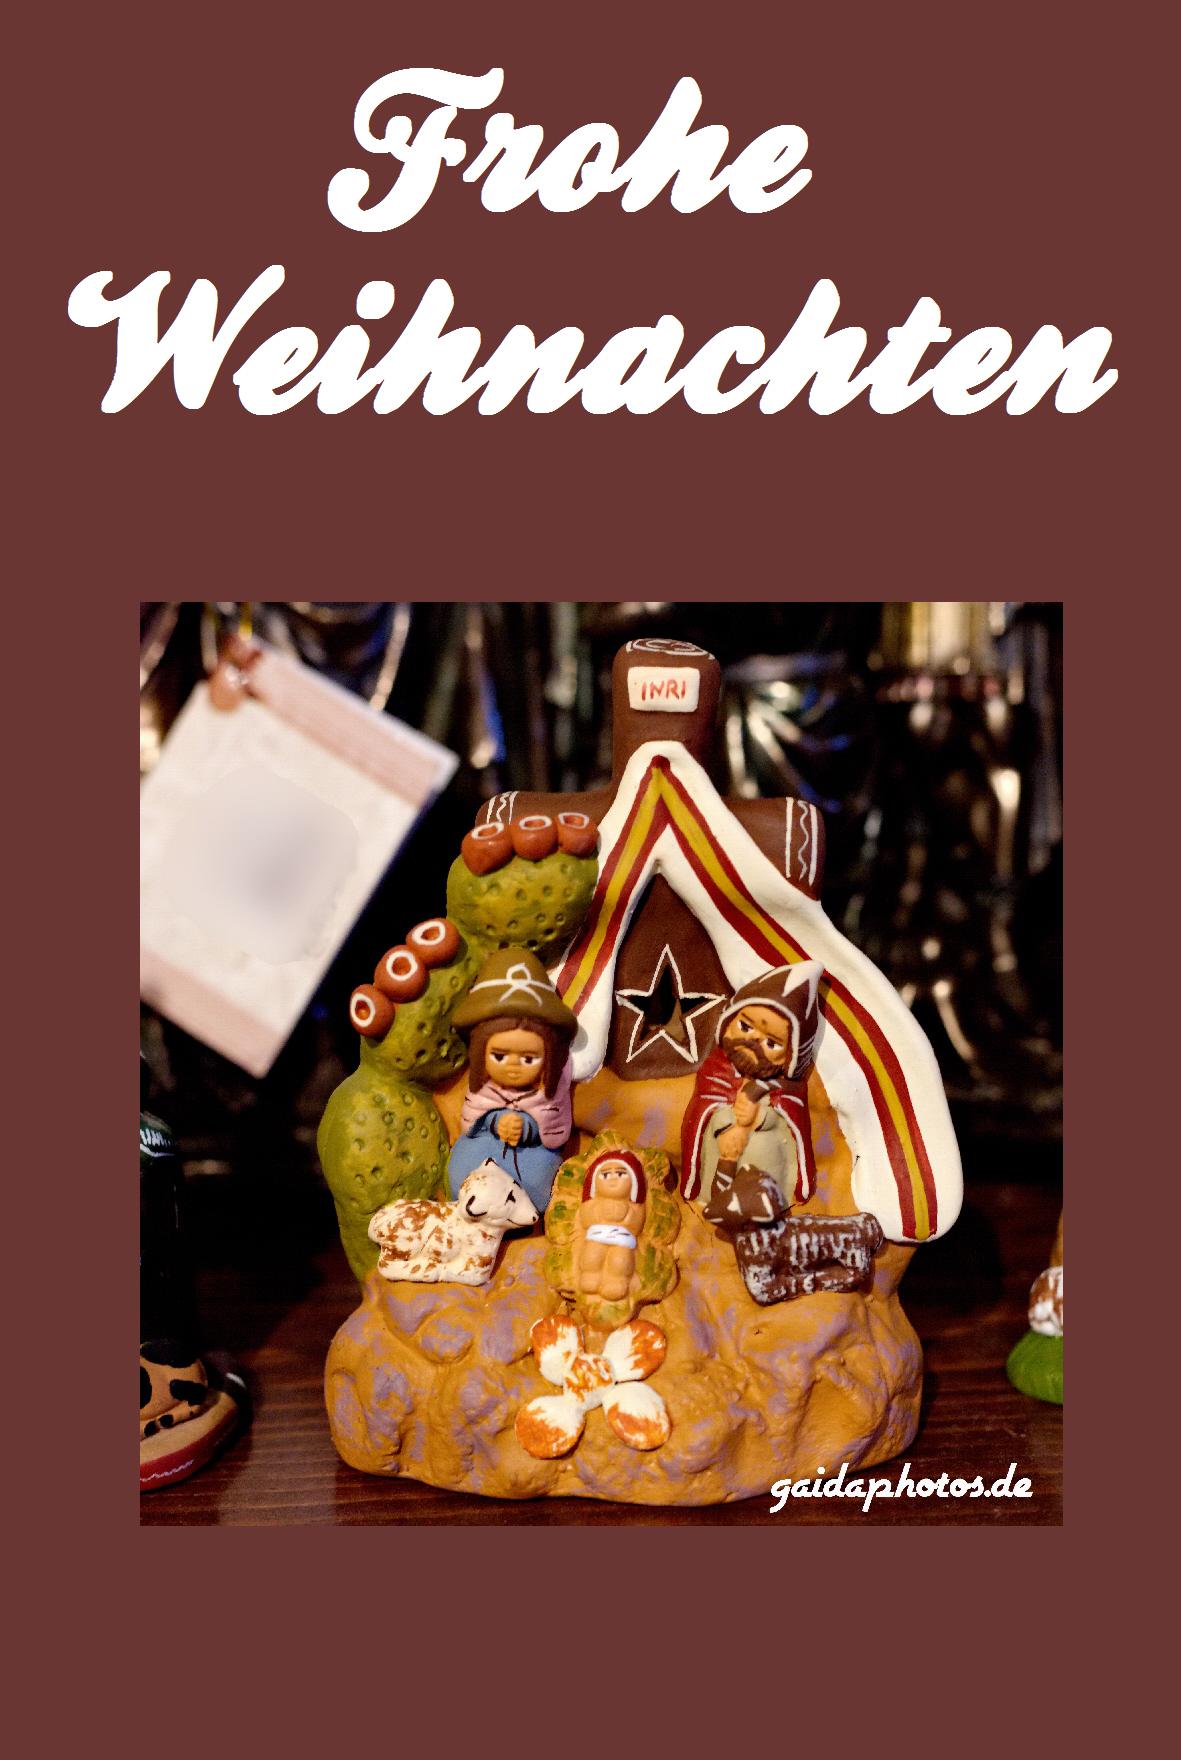 Kostenlose weihnachtskarten mit weihnachtskrippen - Weihnachtskarten kostenlos gestalten und drucken ...